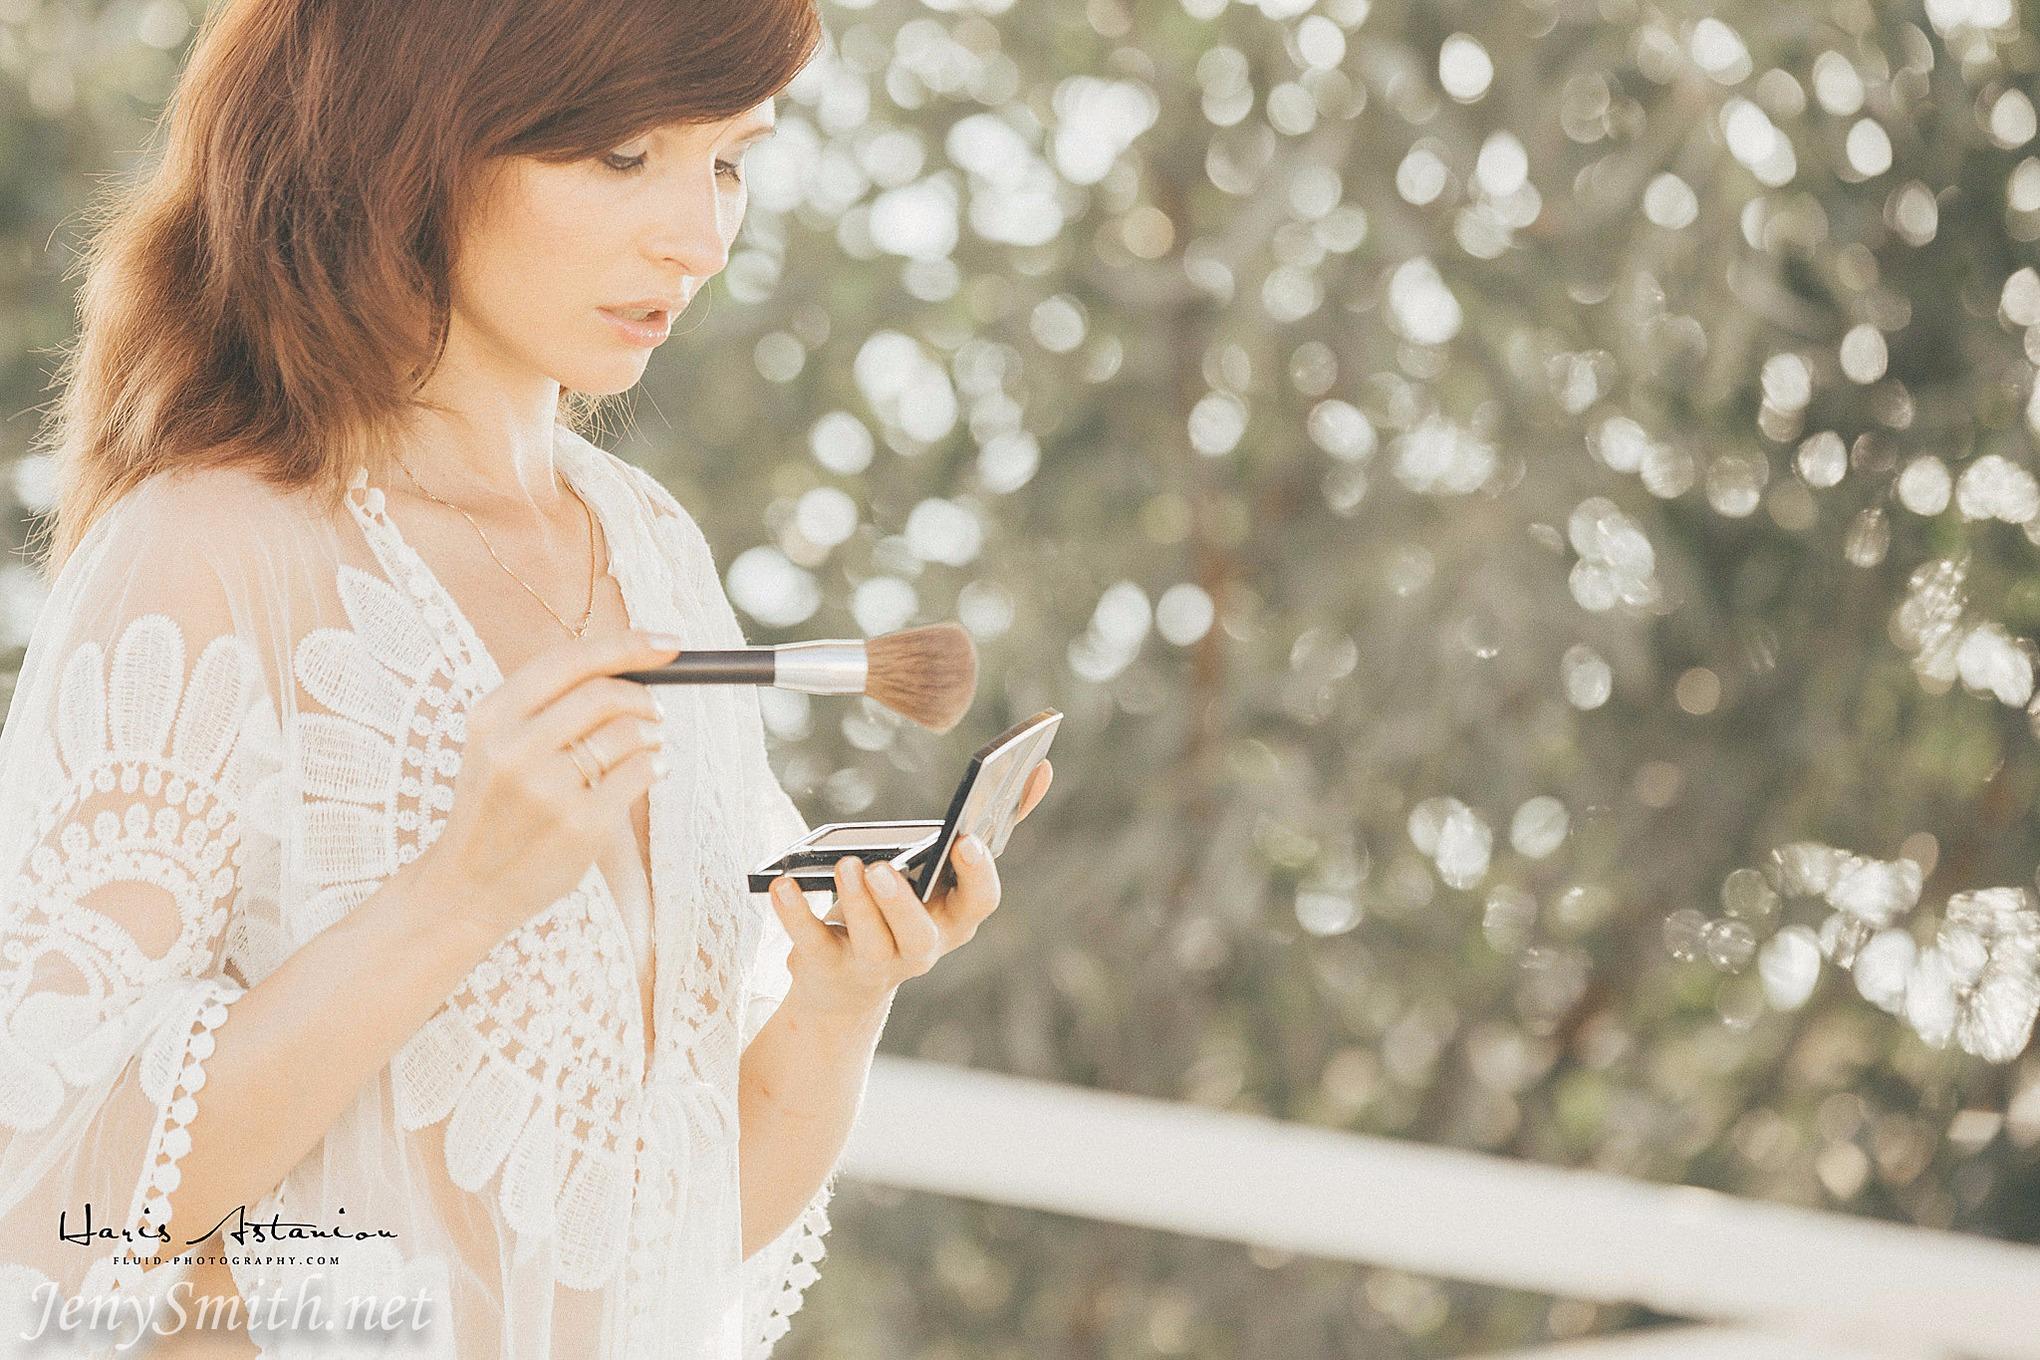 Jeny Smith - profile image - 1